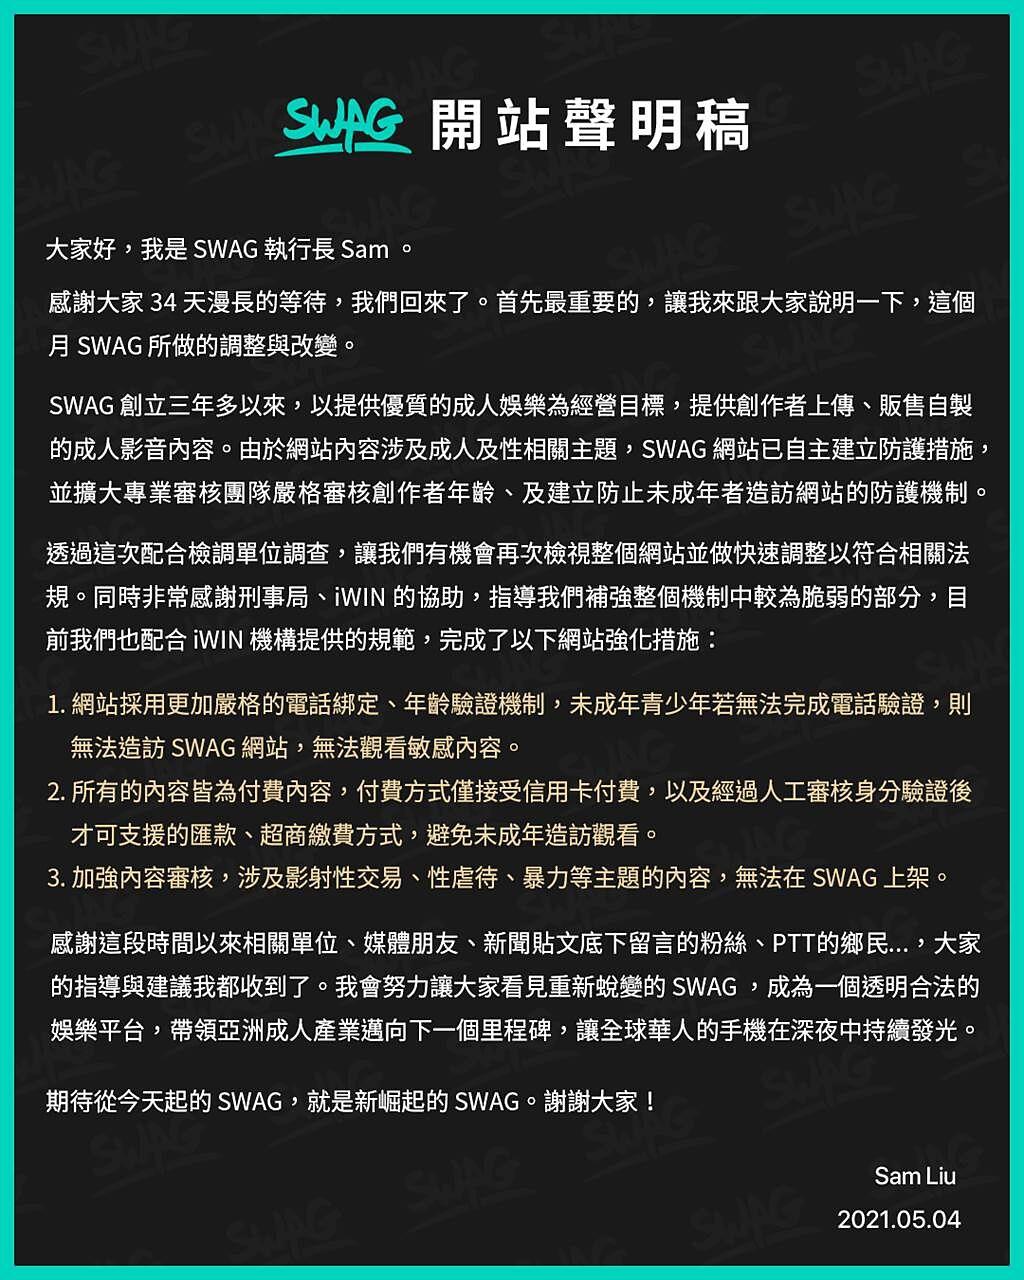 沉寂34天後,SWAG 執行長Sam Liu最新公開聲明稿指出,未來將針對審查機制作出3大面向的調整與改變。(翻攝SWAG臉書)